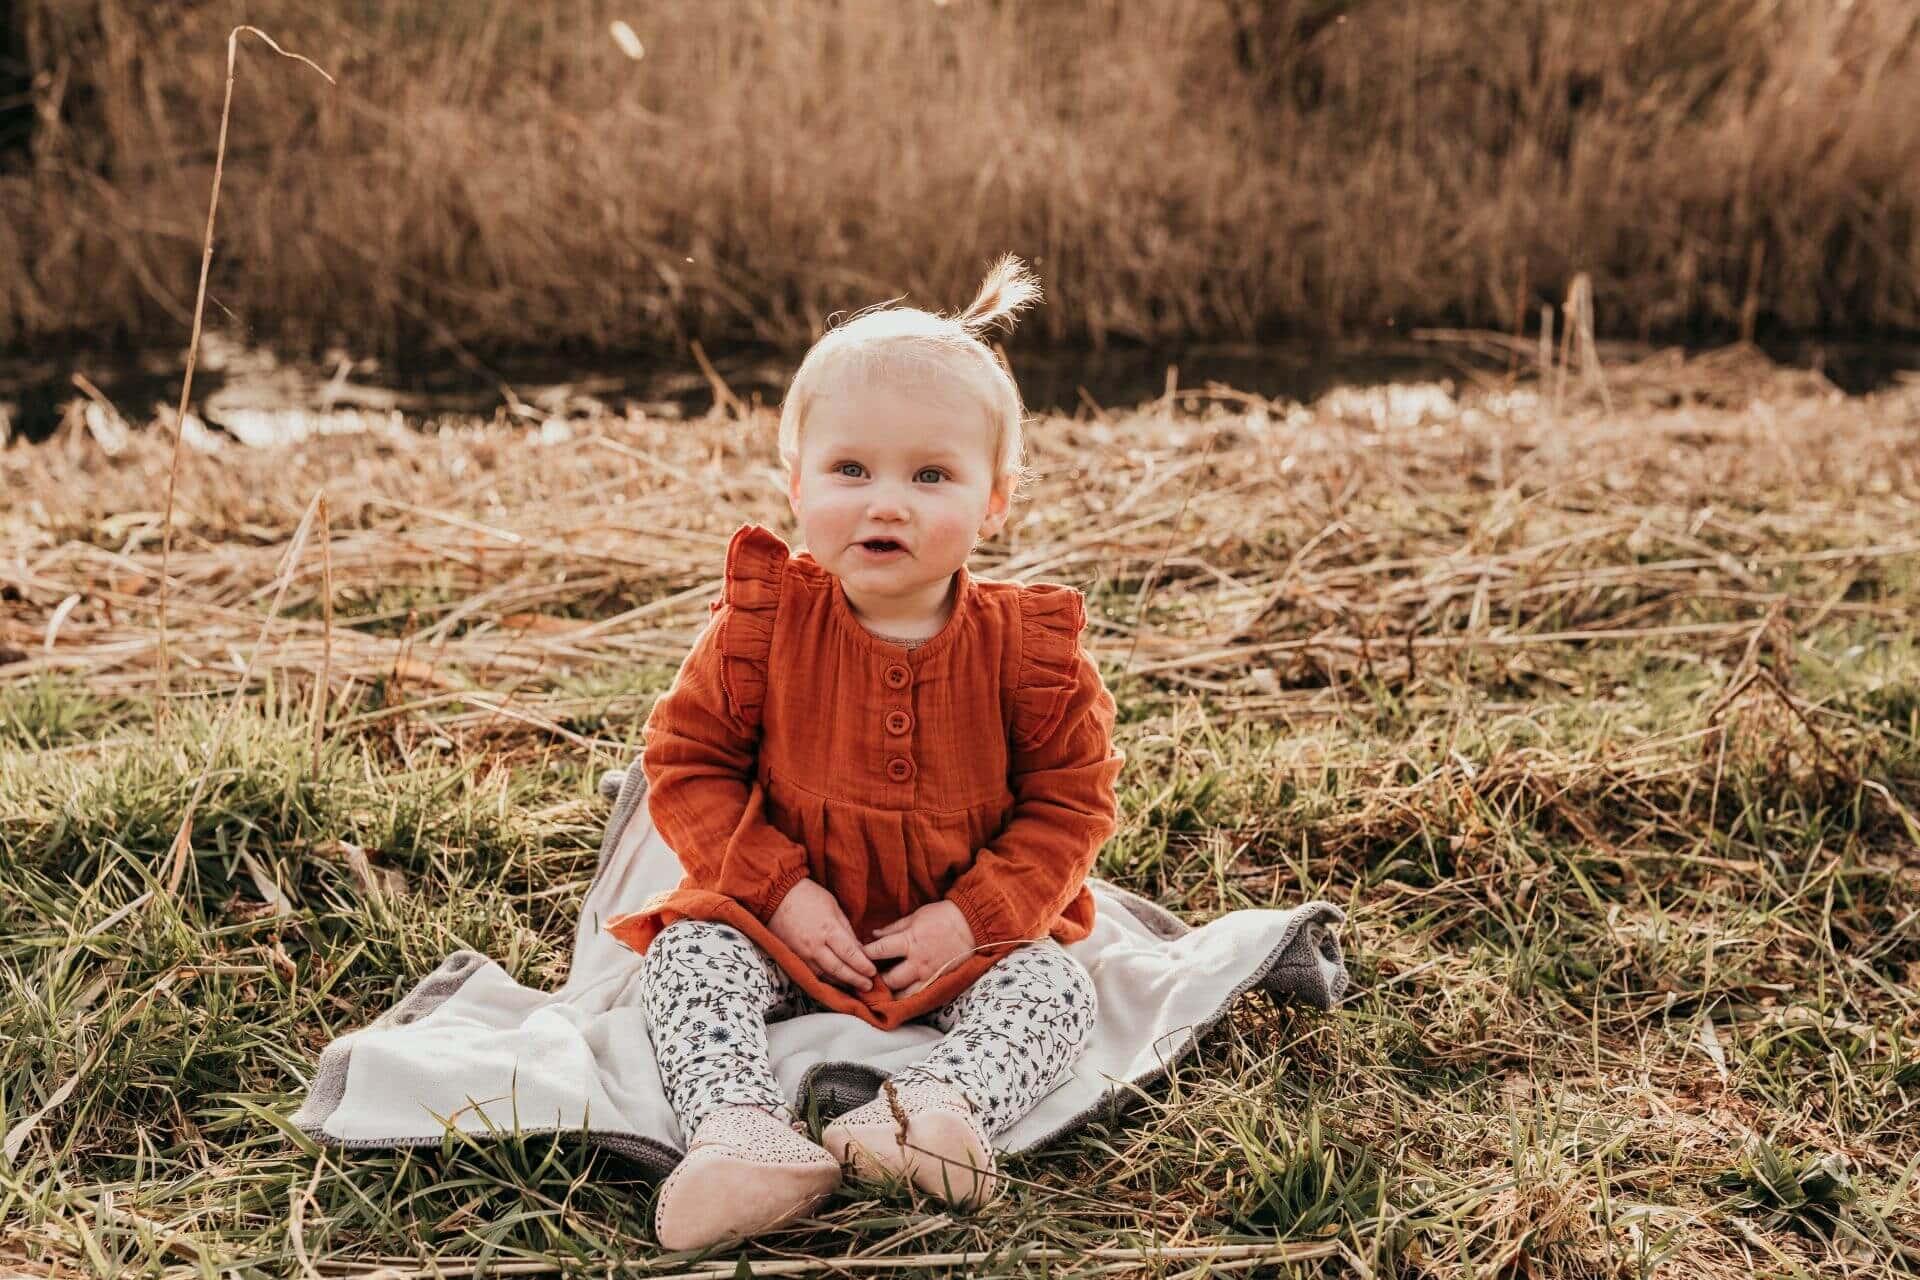 gezinsreportage gezinsshoot fotoshoot gezin overijssel kampen ijsselmuiden fotograaf